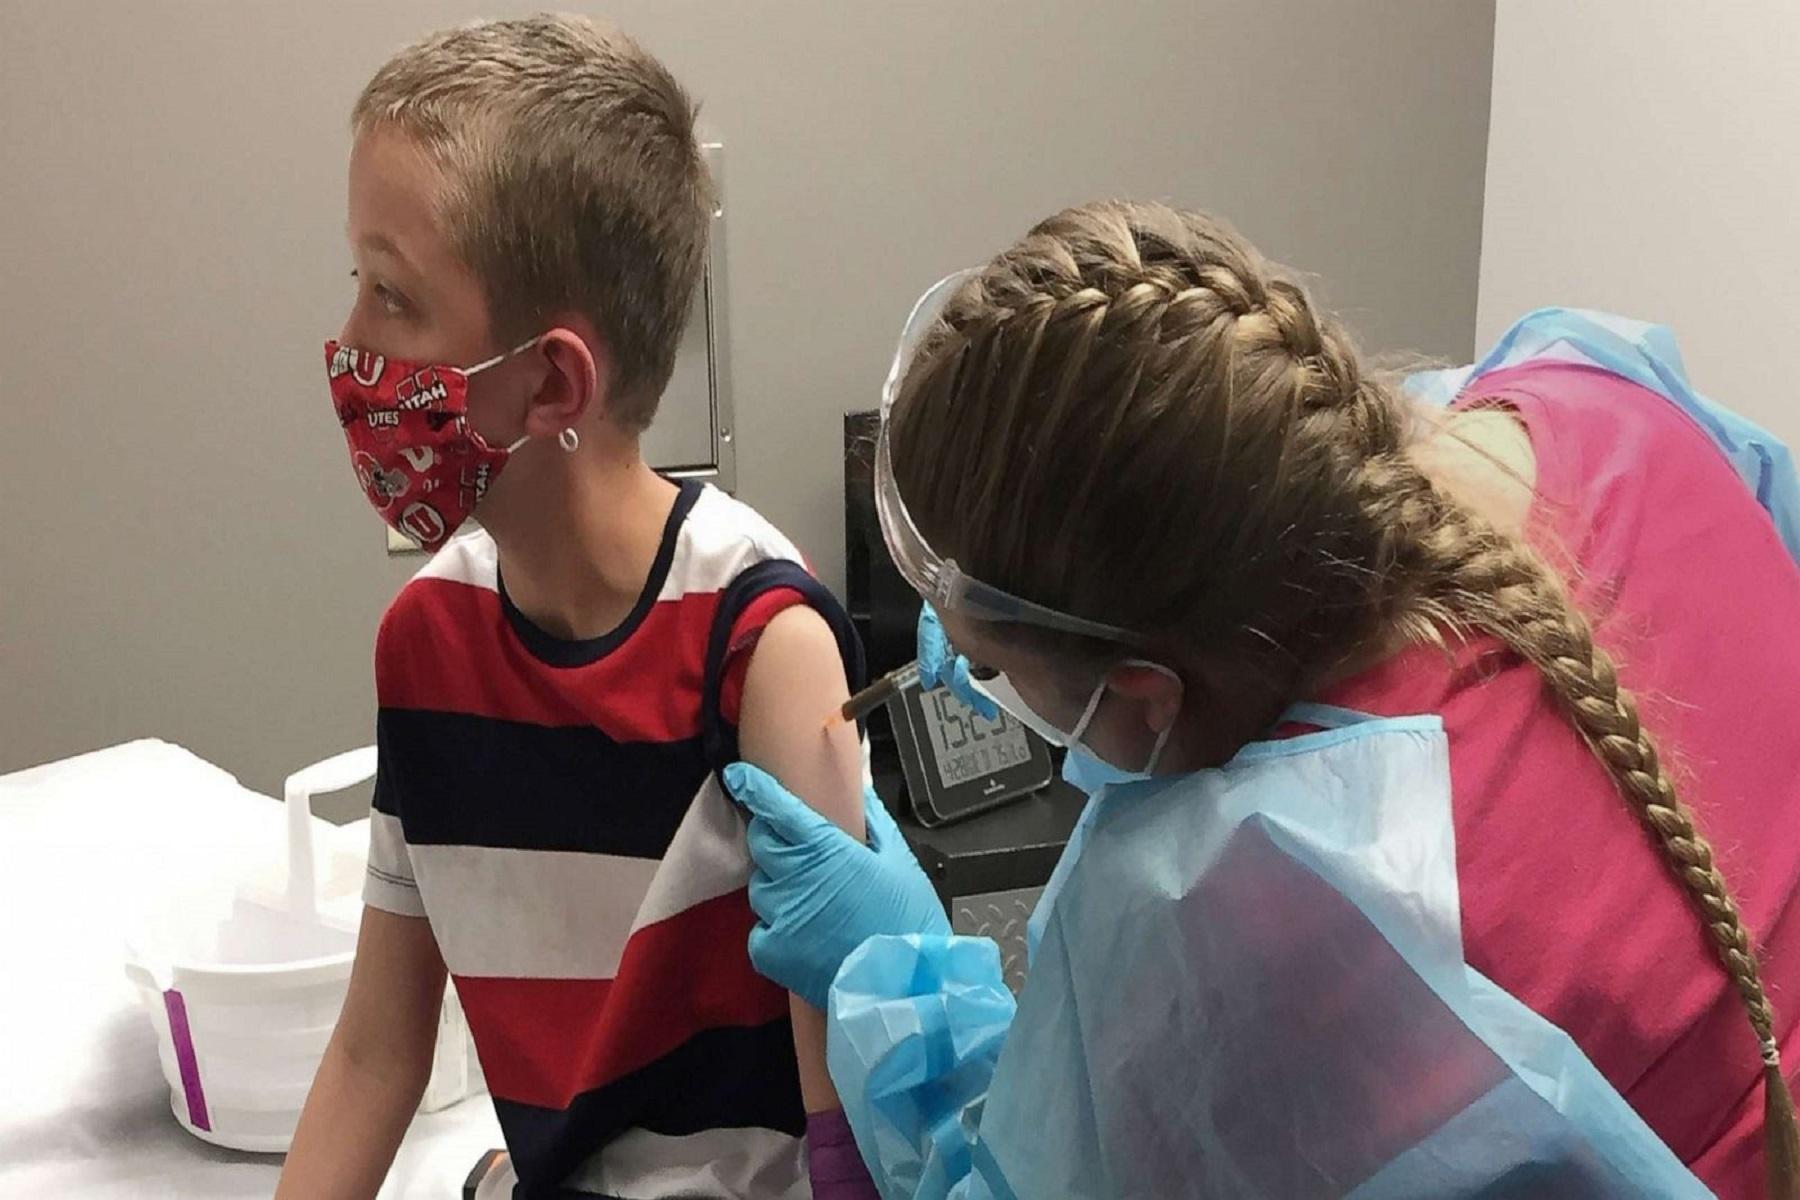 Εμβόλιο Covid-19 Παιδιά: Γιατί τα παιδιά κάτω των 12 ετών δεν μπορούν να λάβουν ακόμη εμβόλια;